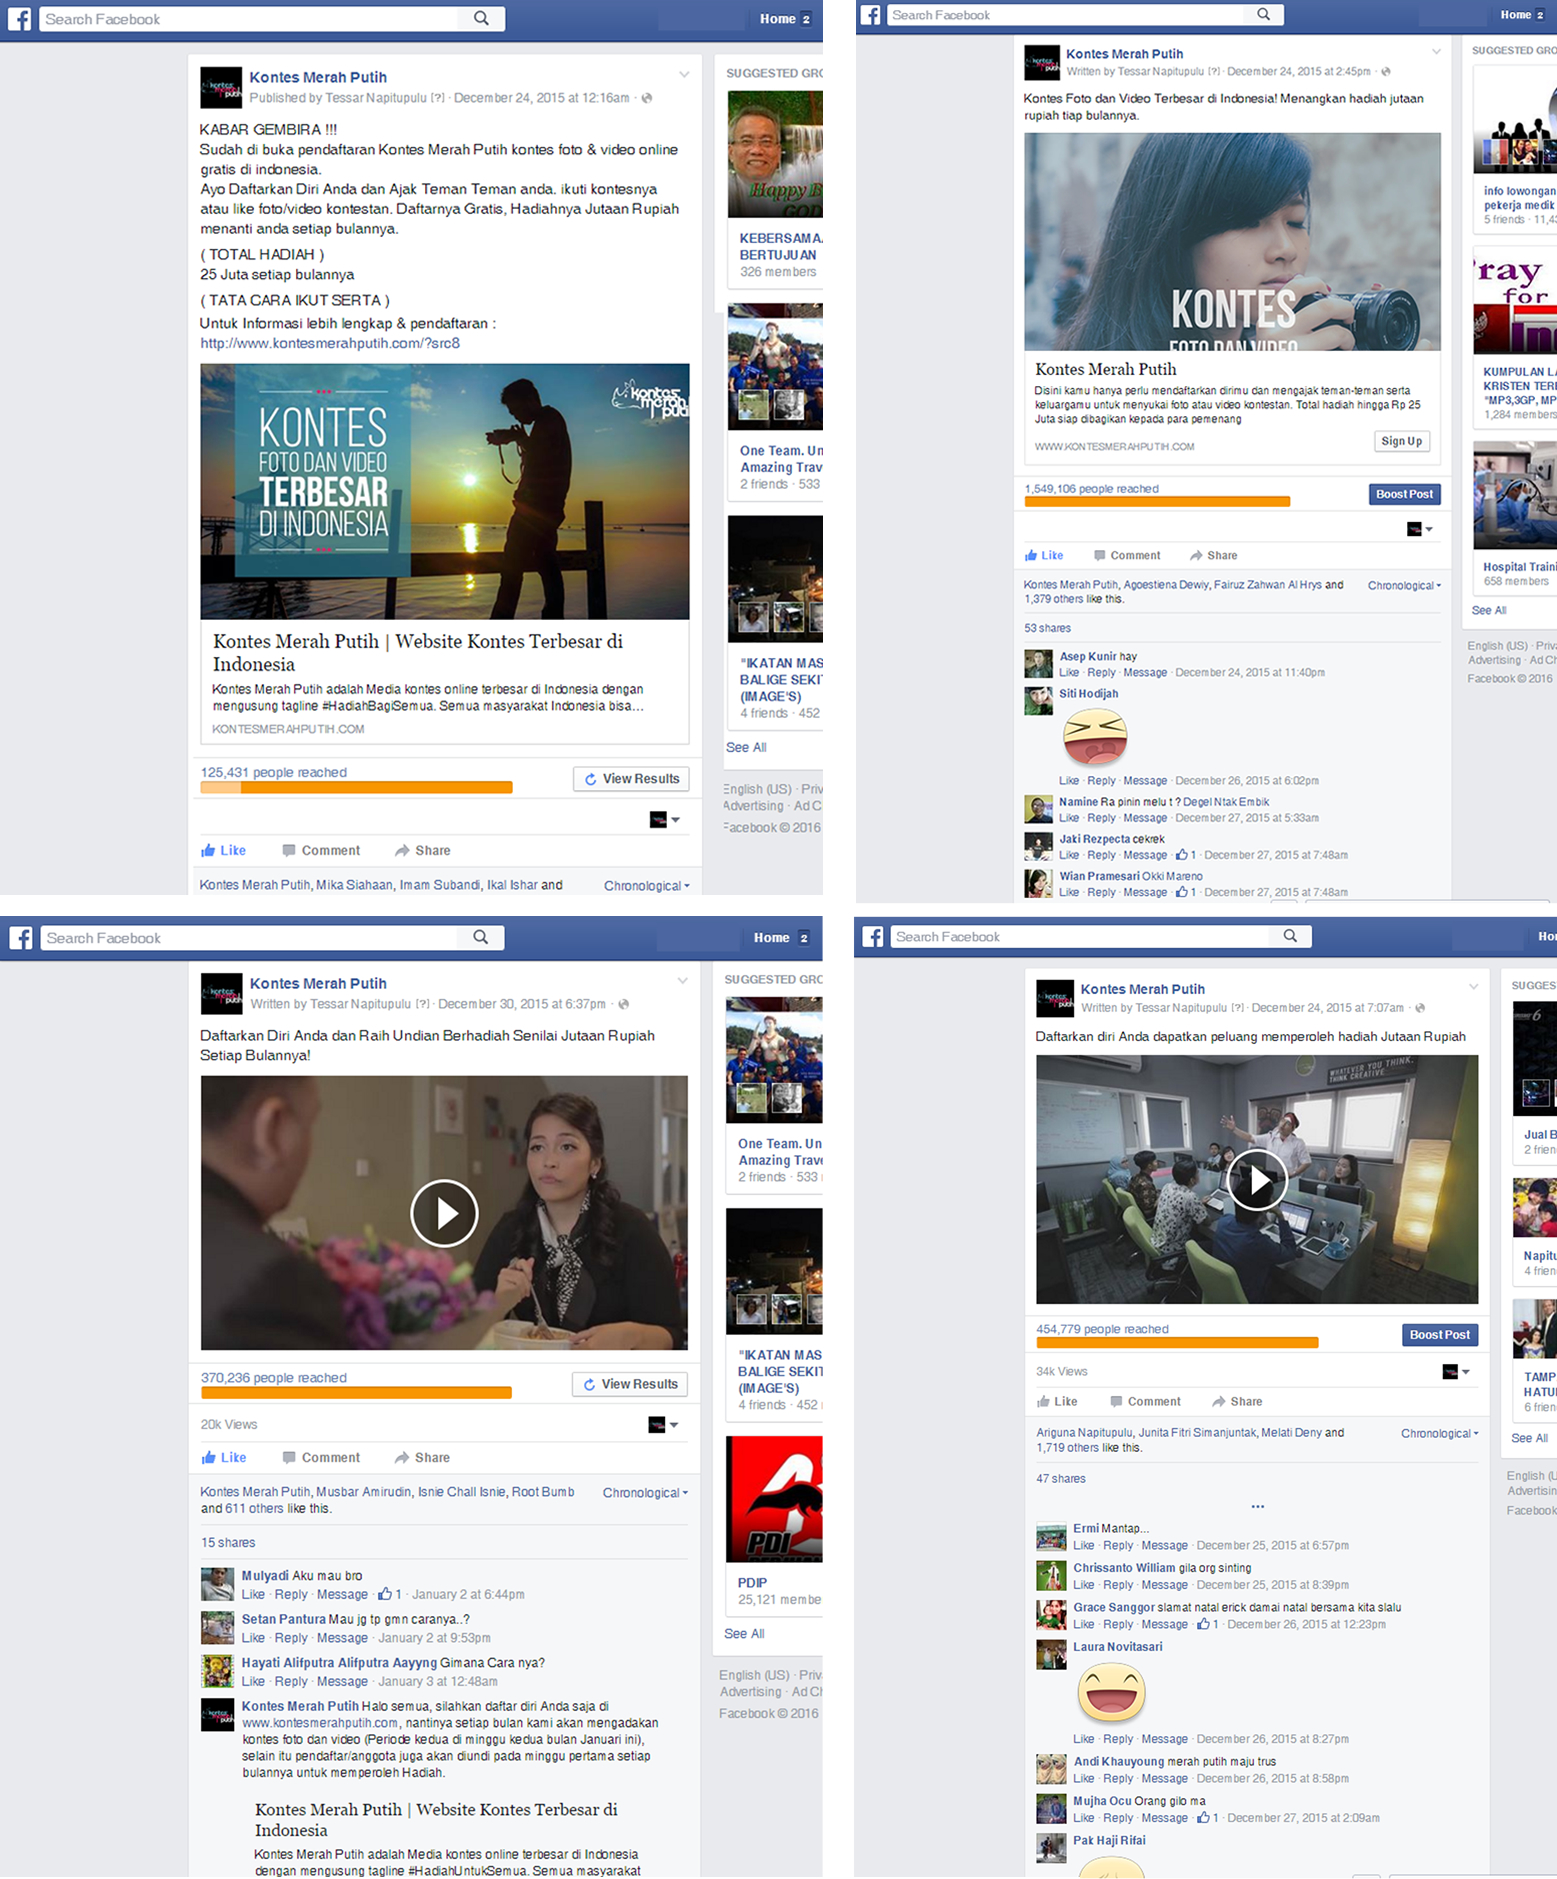 Facebook-Ads---Kontes-Merah-Putih